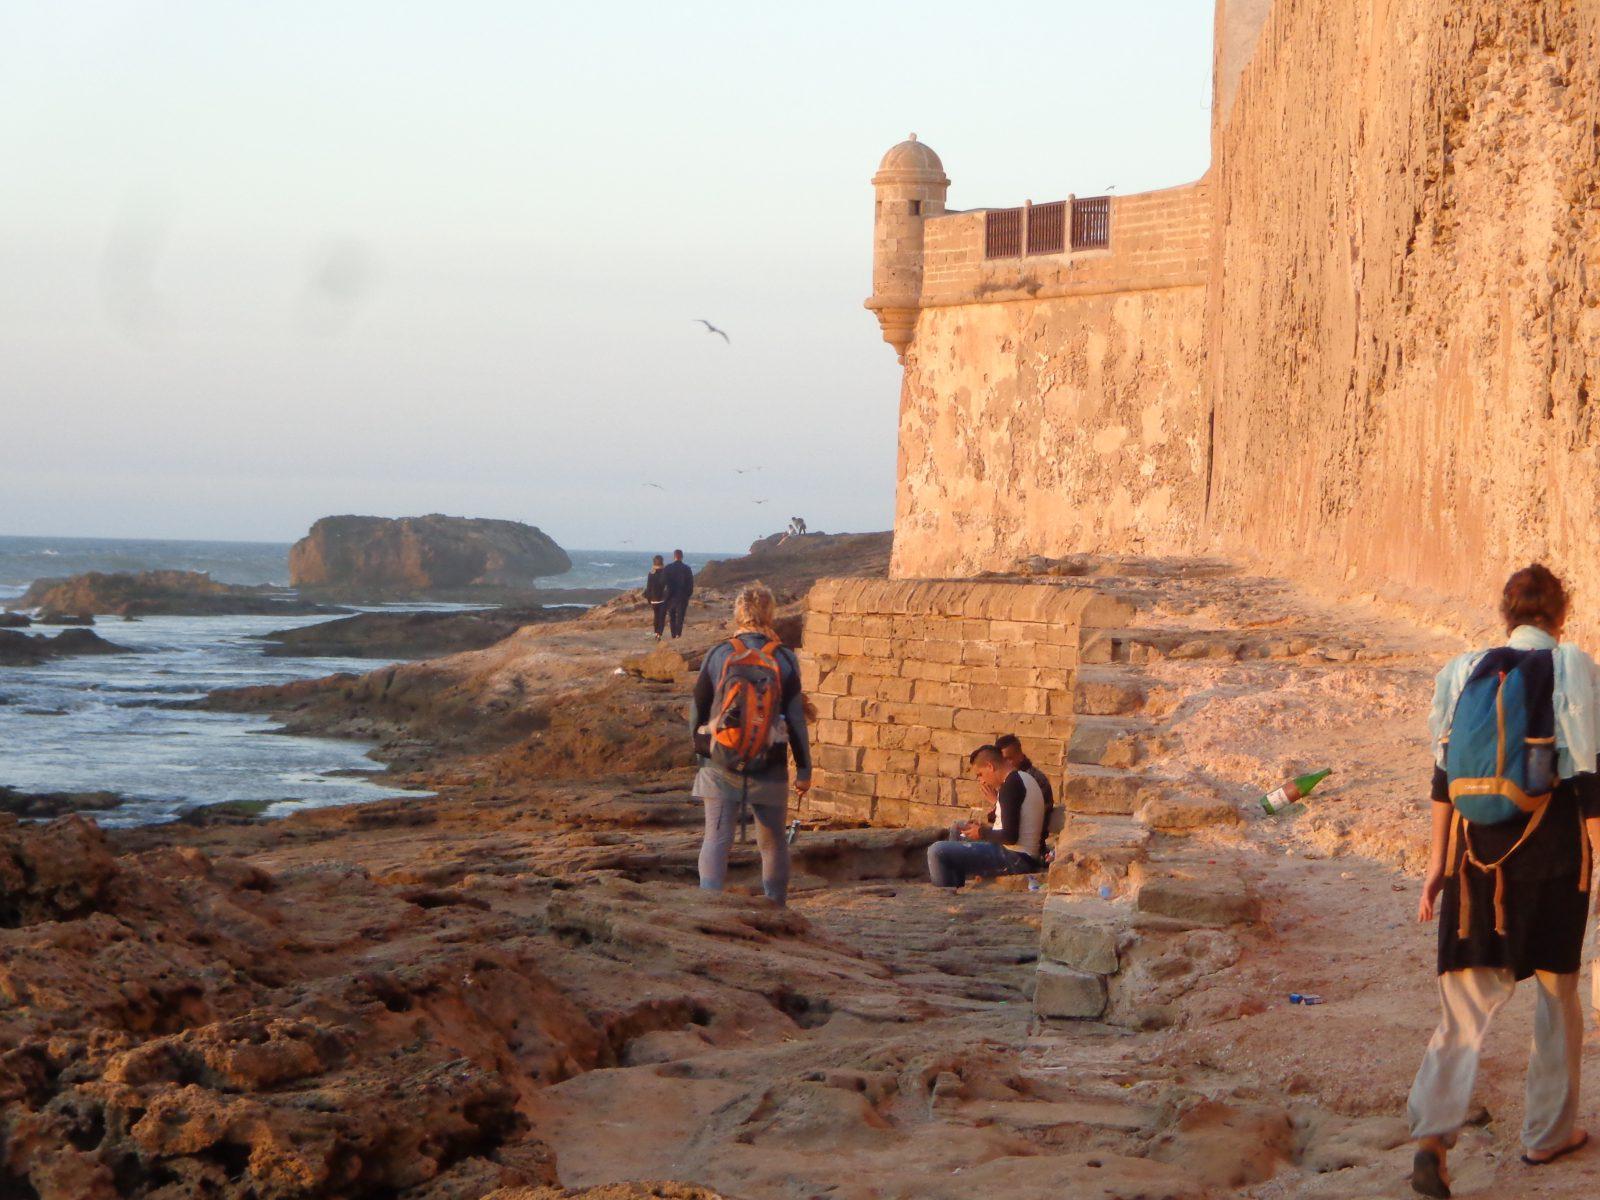 Dag 1 - Woestijn wandelen en yoga + Essaouira & Marrakech